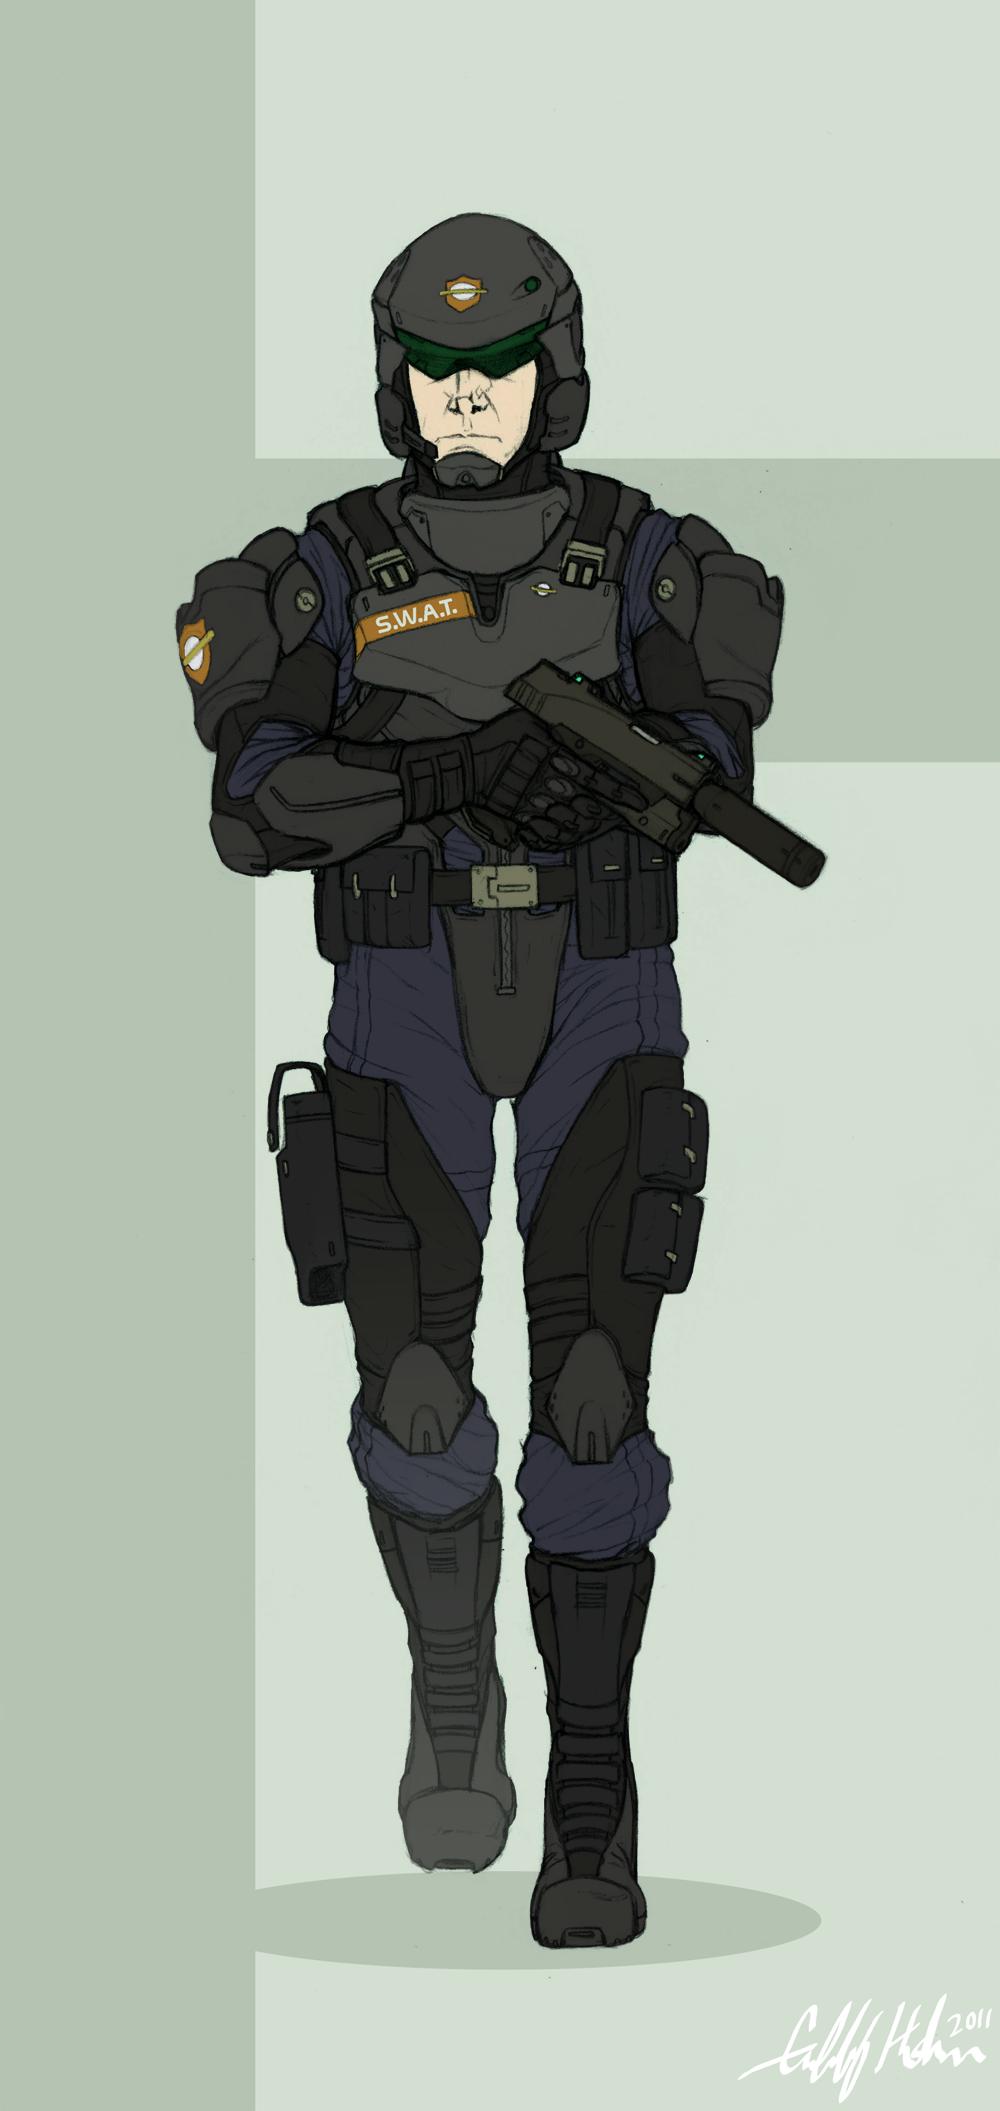 karic_swat_trooper_by_tekka_croe-d3hxkk4.png